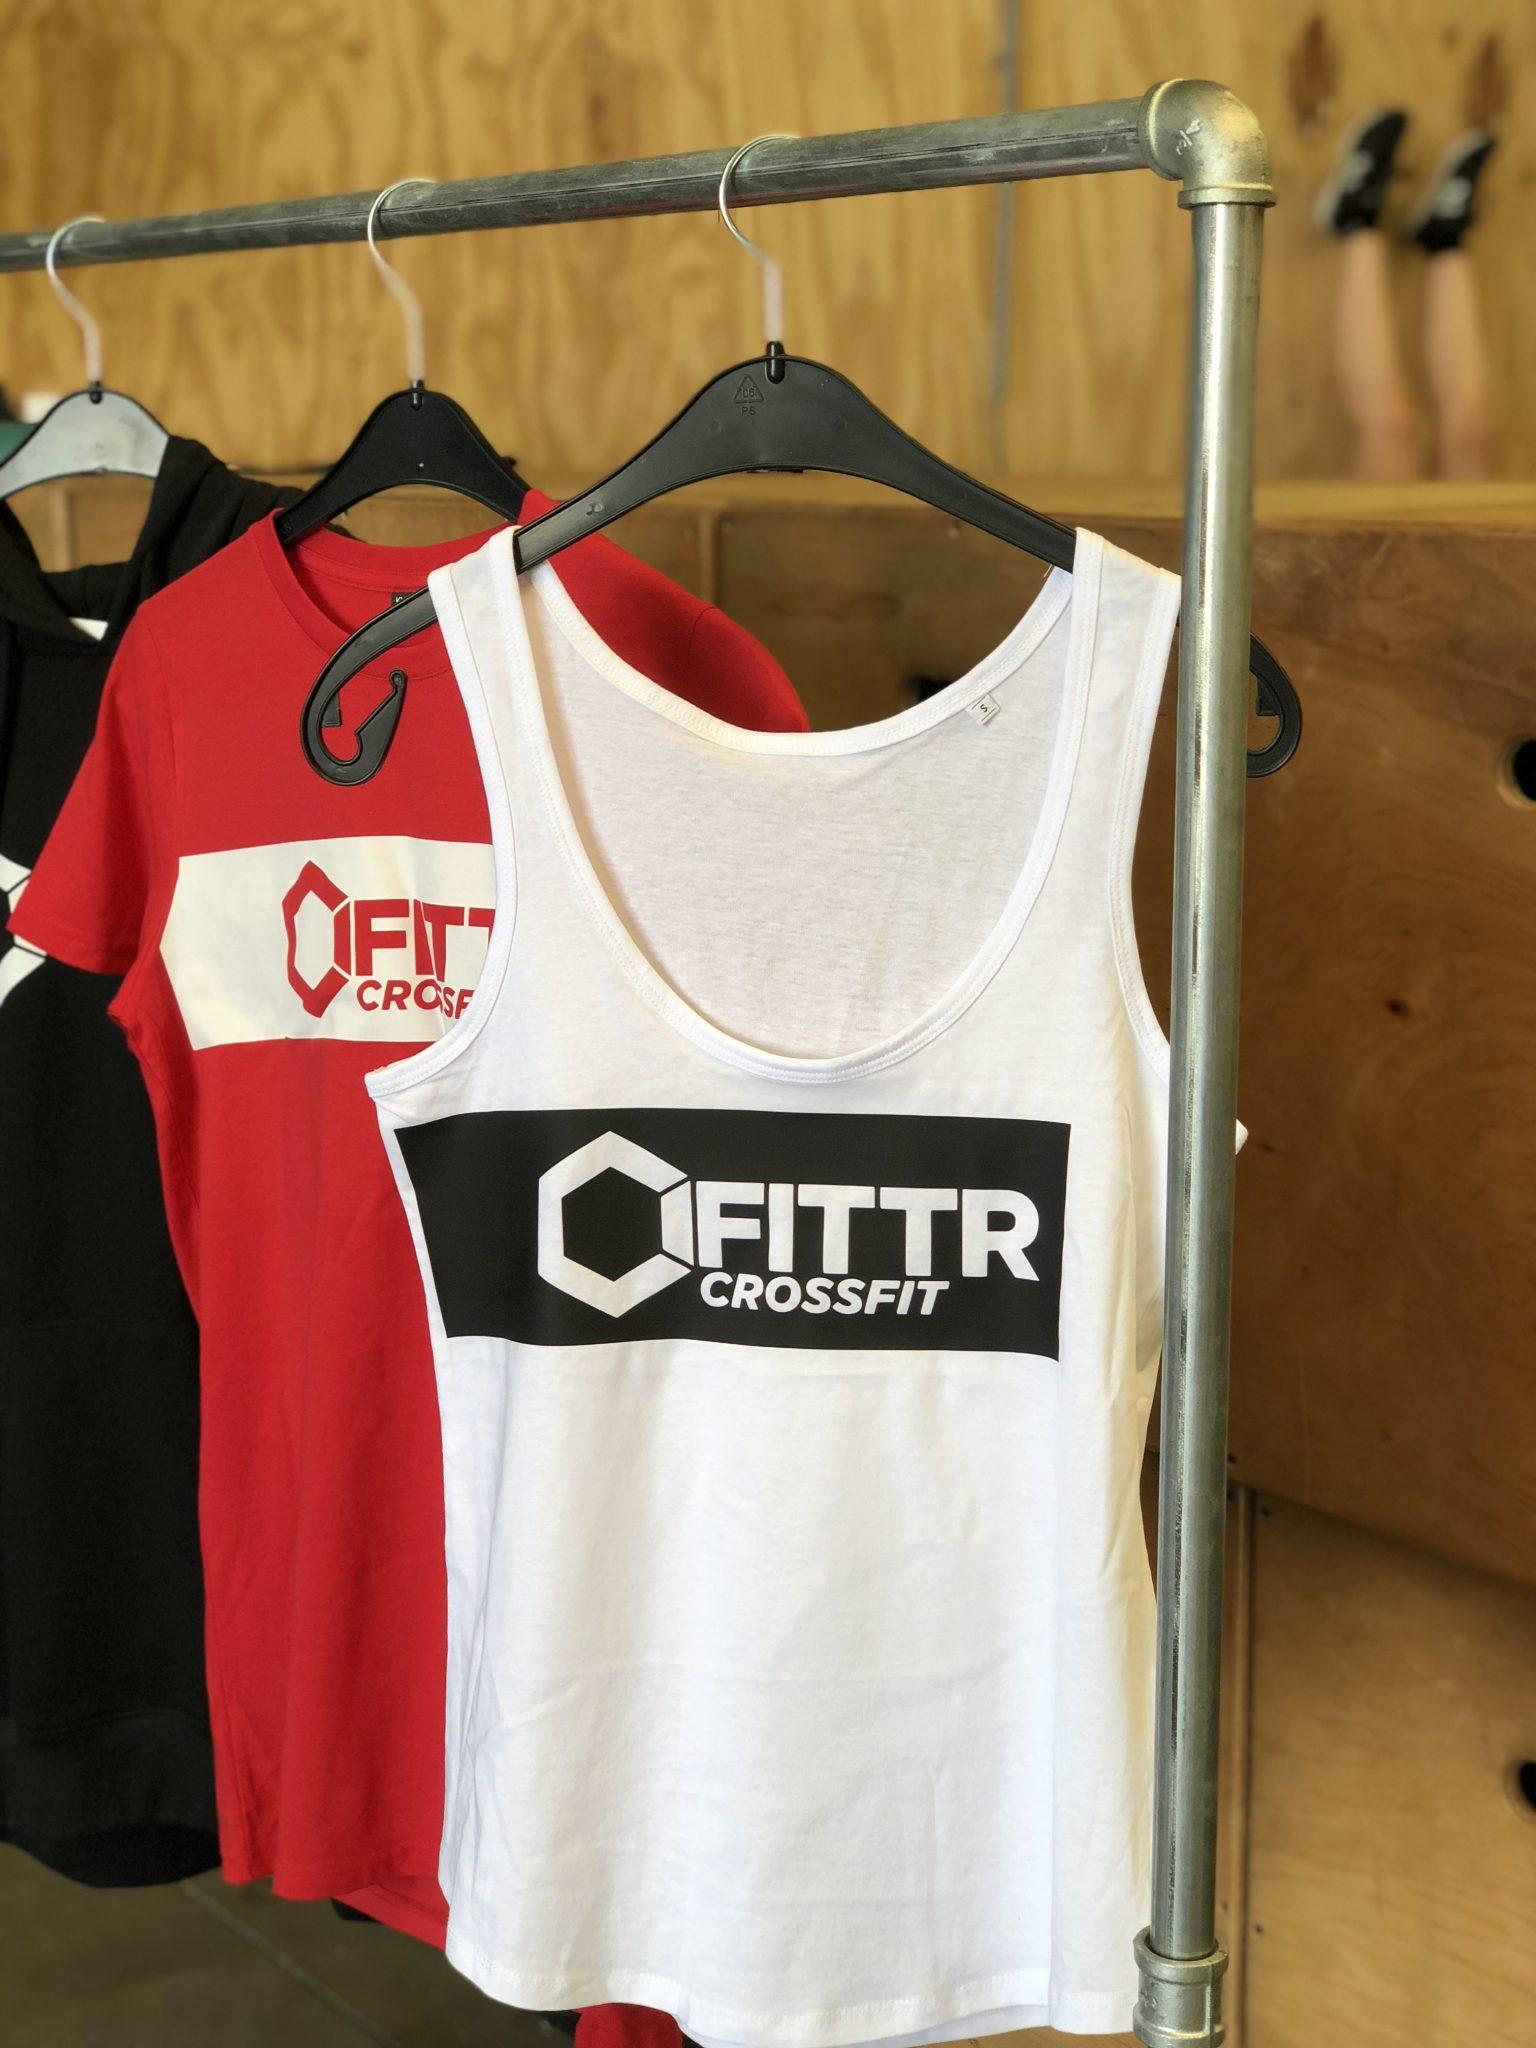 FITTR summer apparel